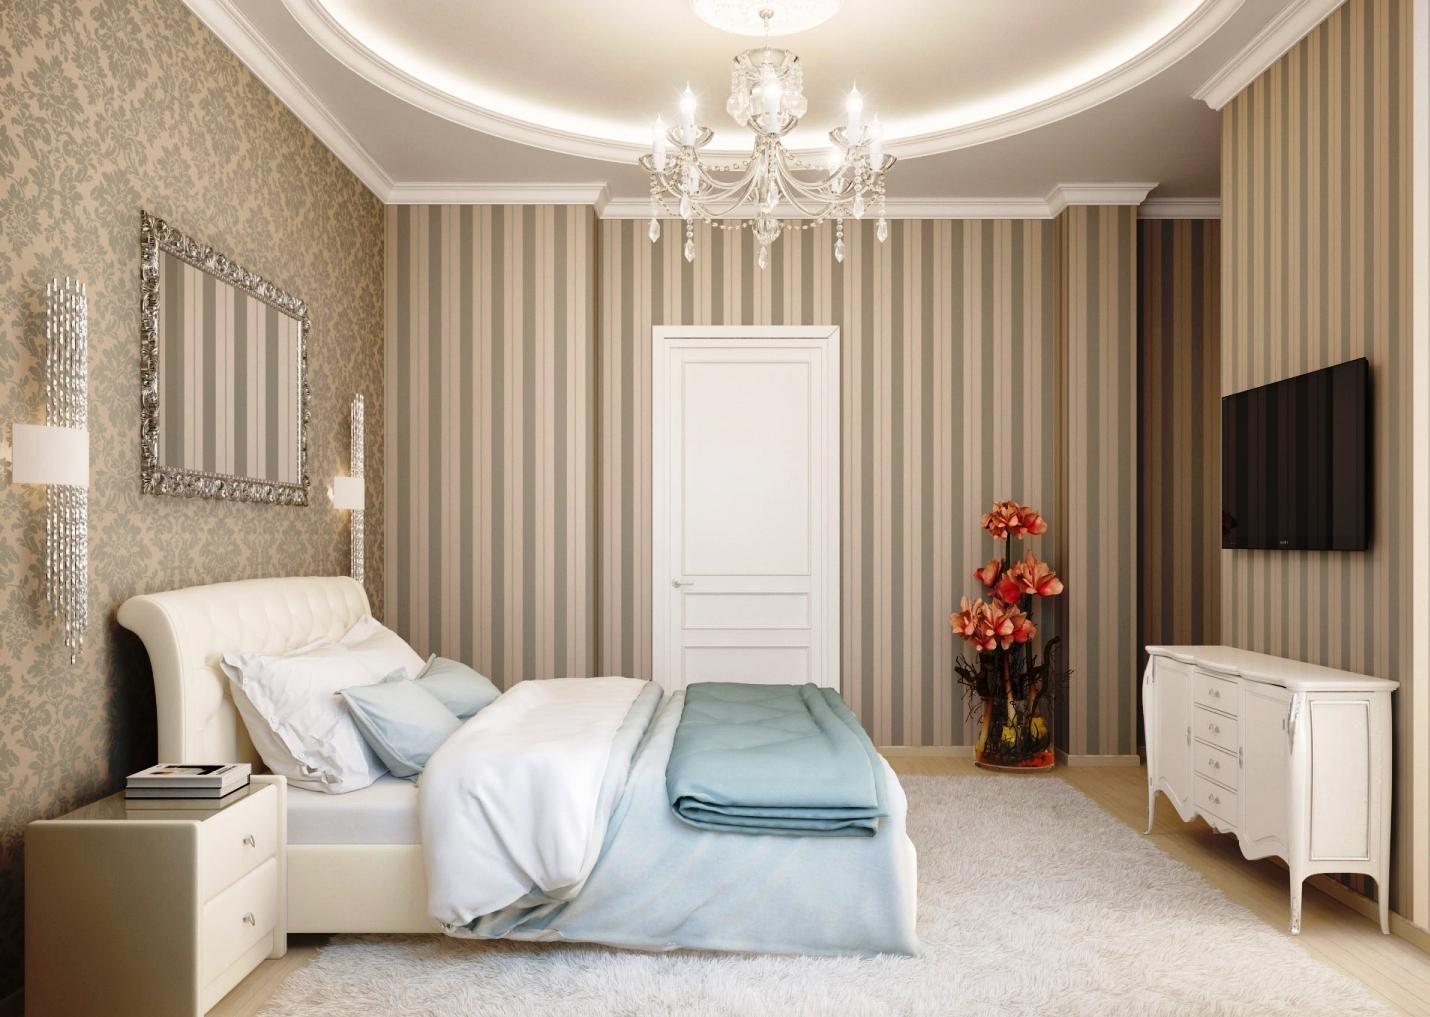 Полосатые обои в классической спальне